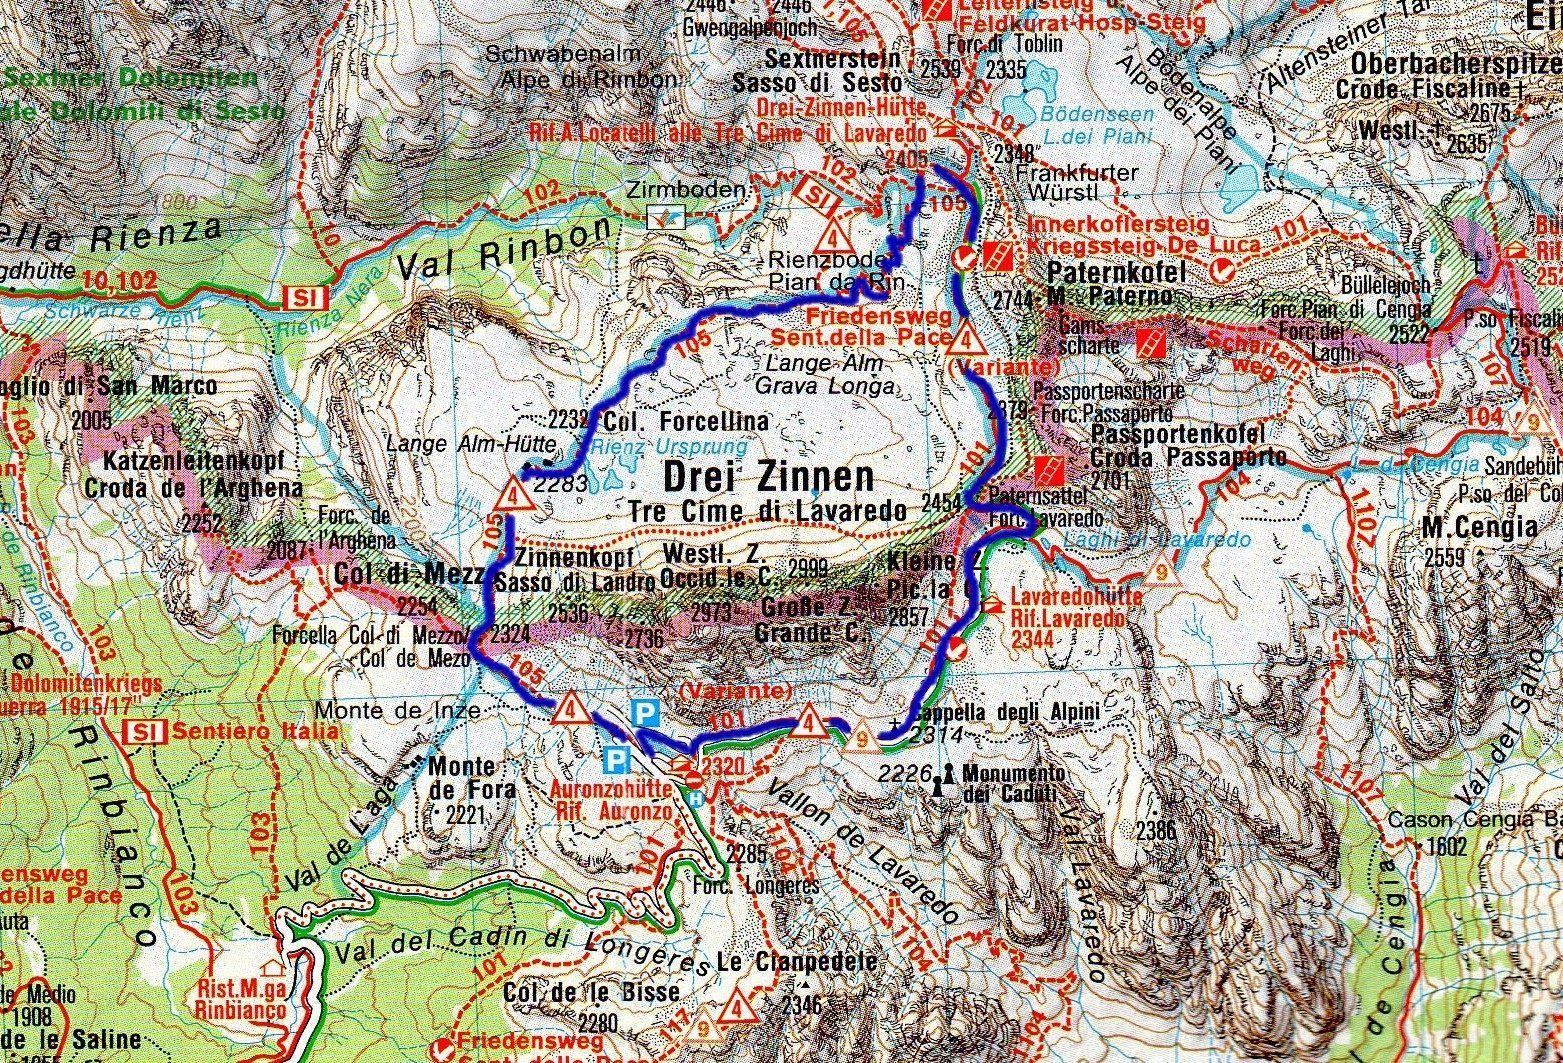 Cartina 3 Cime Di Lavaredo.Montagna Di Viaggi Giro Delle Tre Cime Di Lavaredo Viaggi Cime Montagna